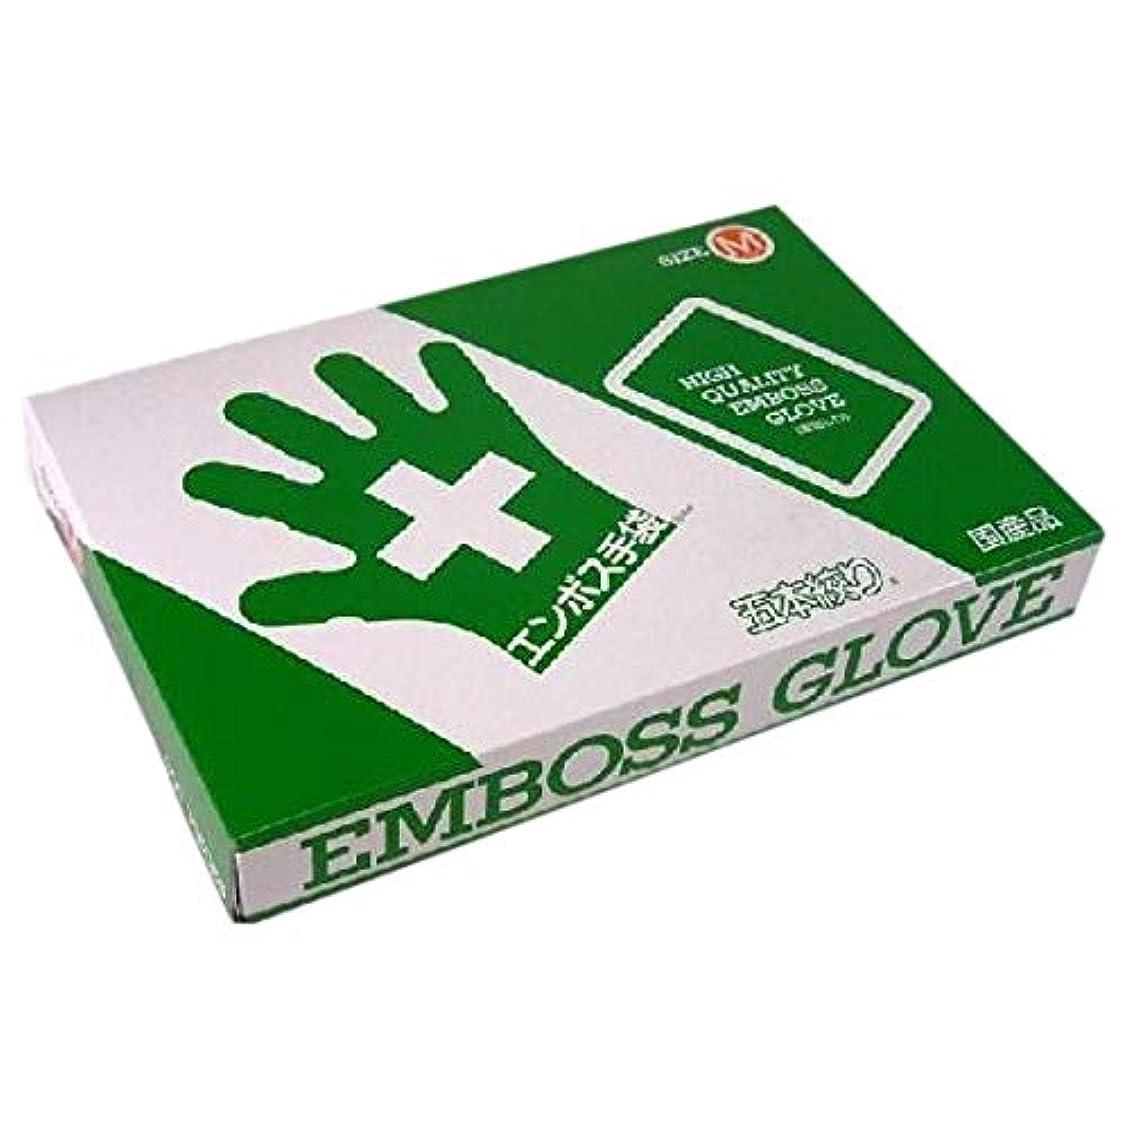 白い光景露エンボス手袋 5本絞り(使い捨て手袋国産品) 東京パック M 200枚入